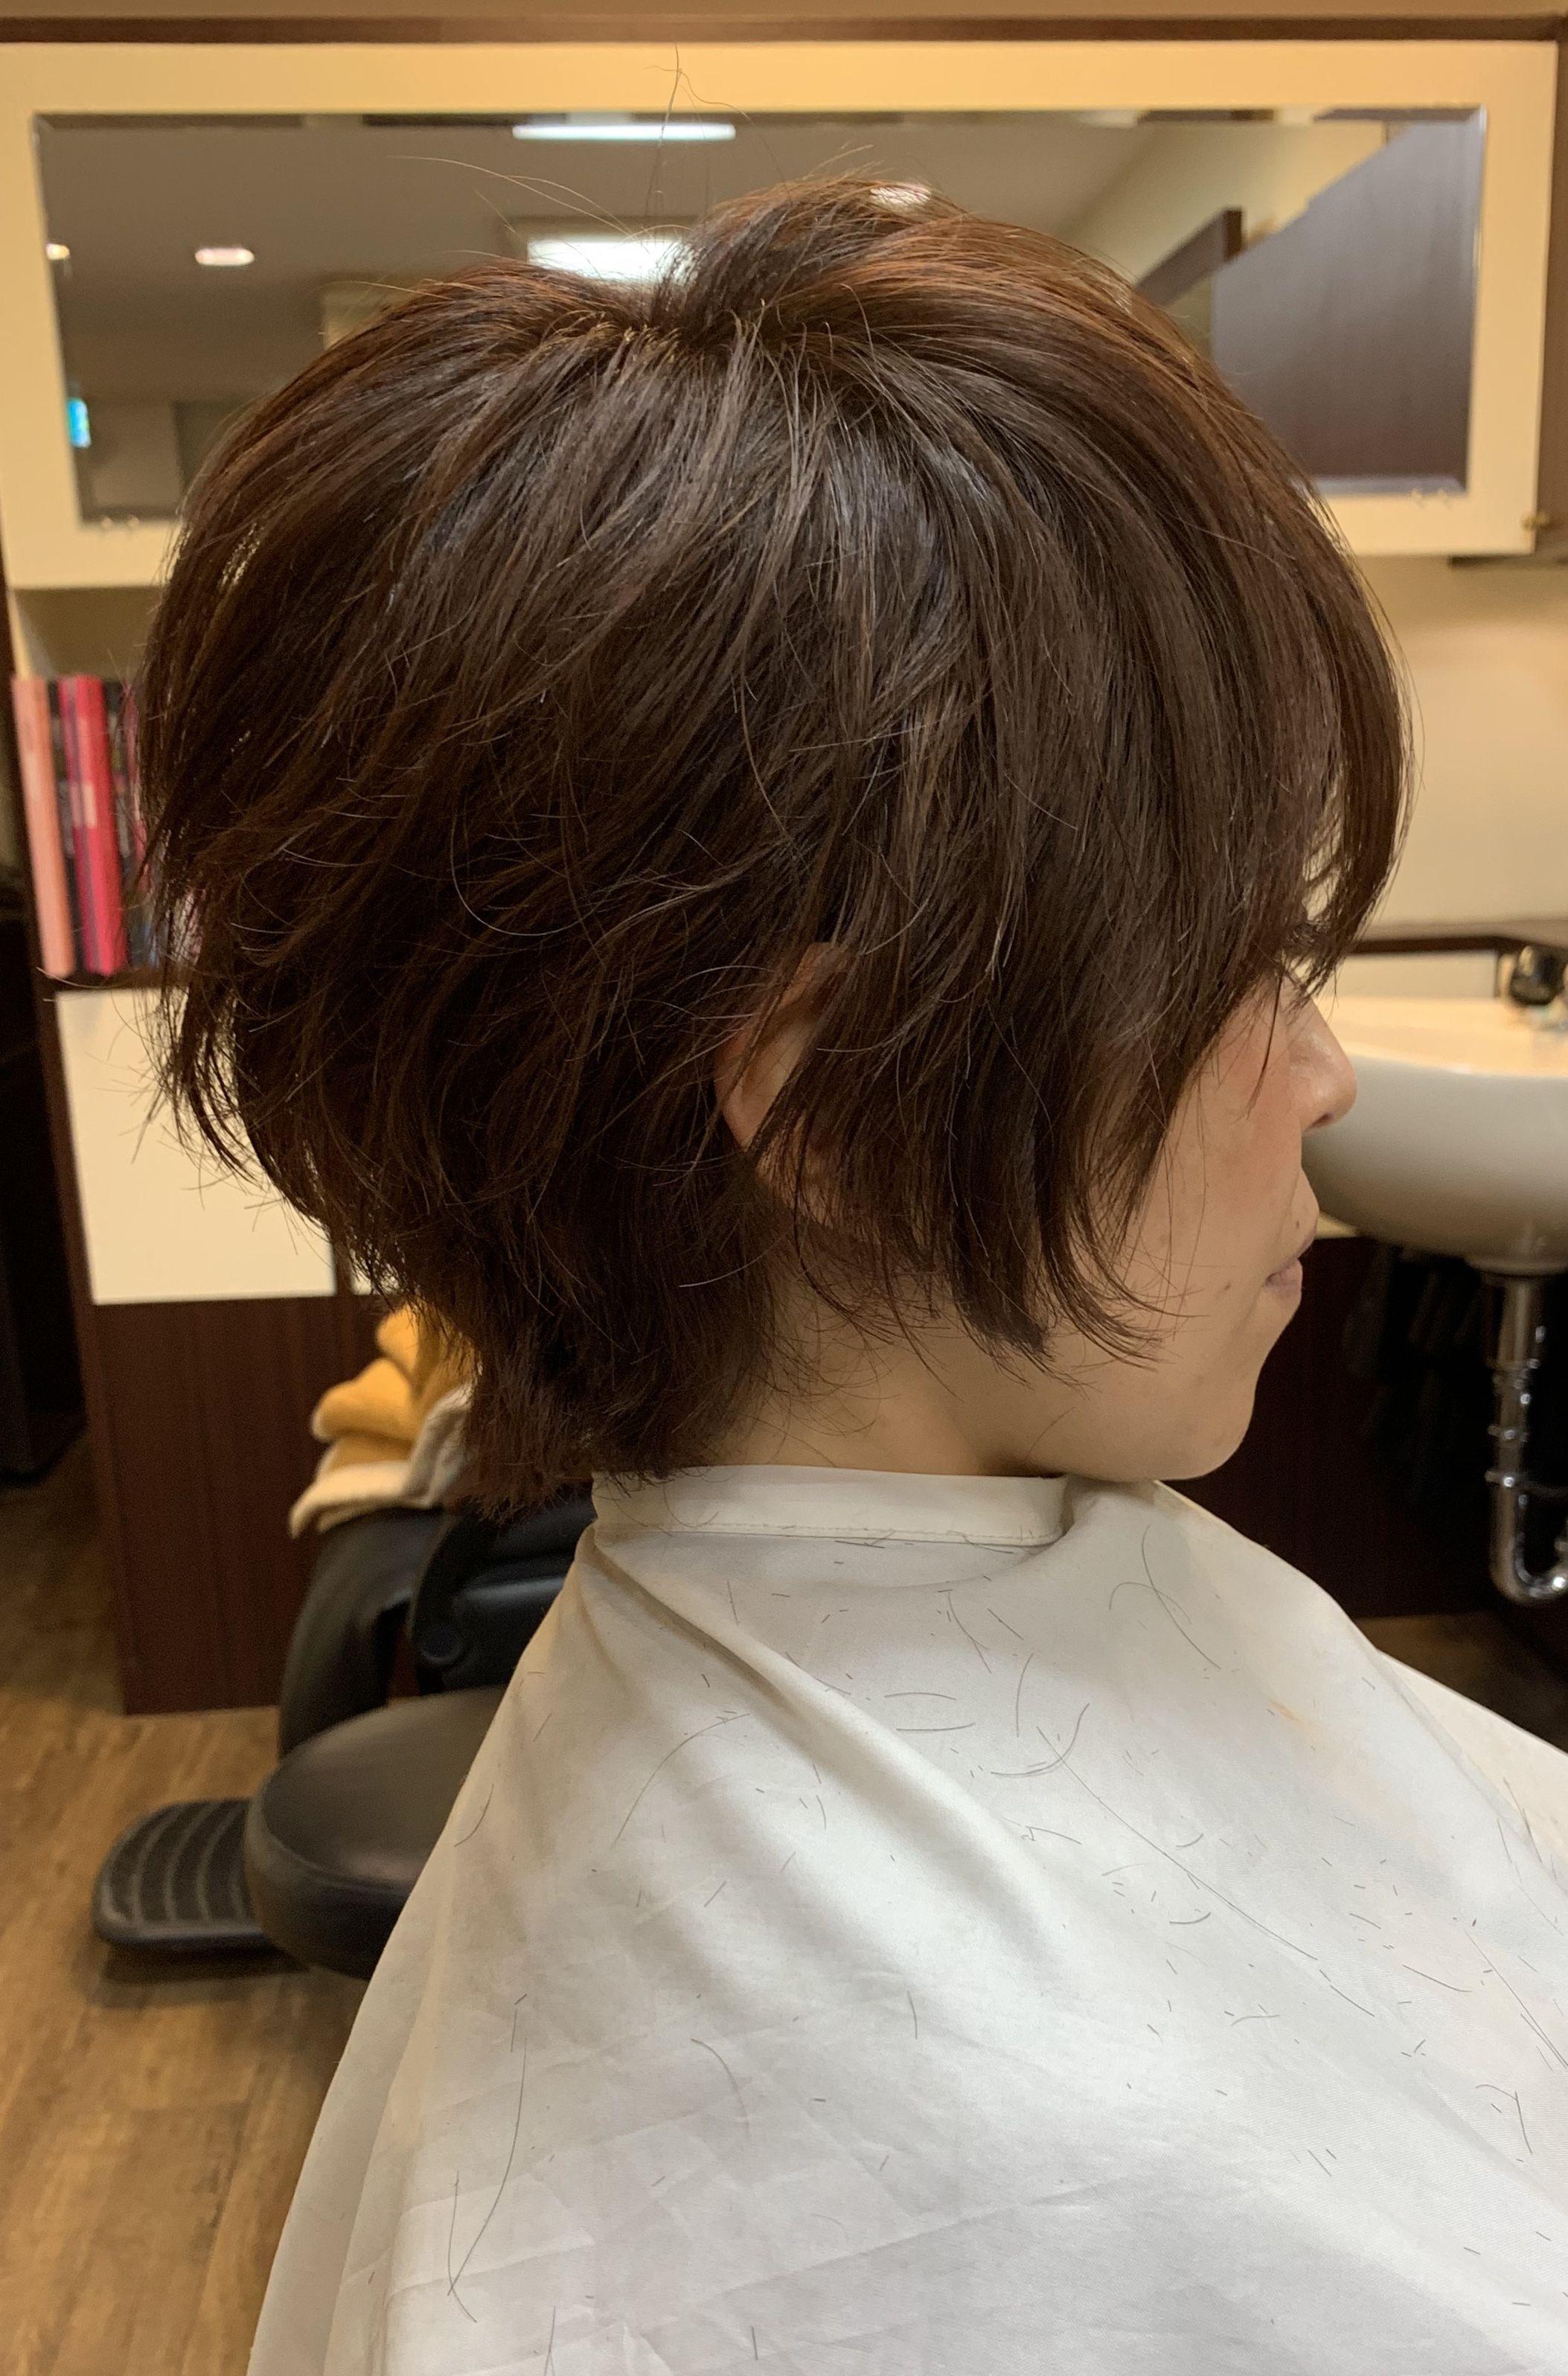 ヘアスタイル おしゃれまとめの人気アイデア Pinterest Polish Custom Hair ポリッシュ ドット カ ショートカット ショートカット 髪型 グラデーションボブ